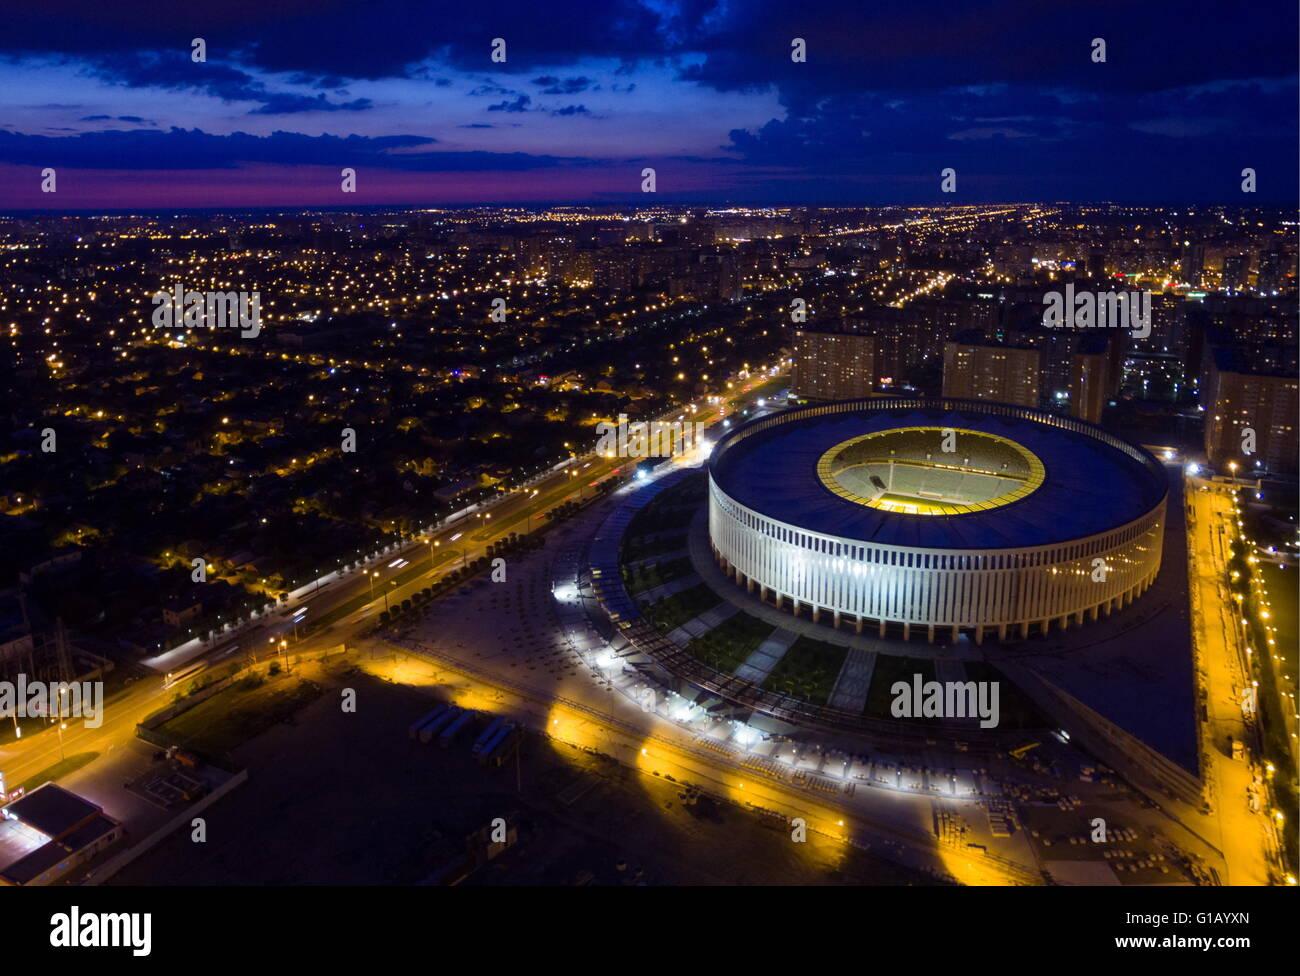 Región de Krasnodar, Rusia. El 8 de mayo de 2016. Una vista del estadio de Krasnodar. Vitaly Timkiv/TASS Imagen De Stock